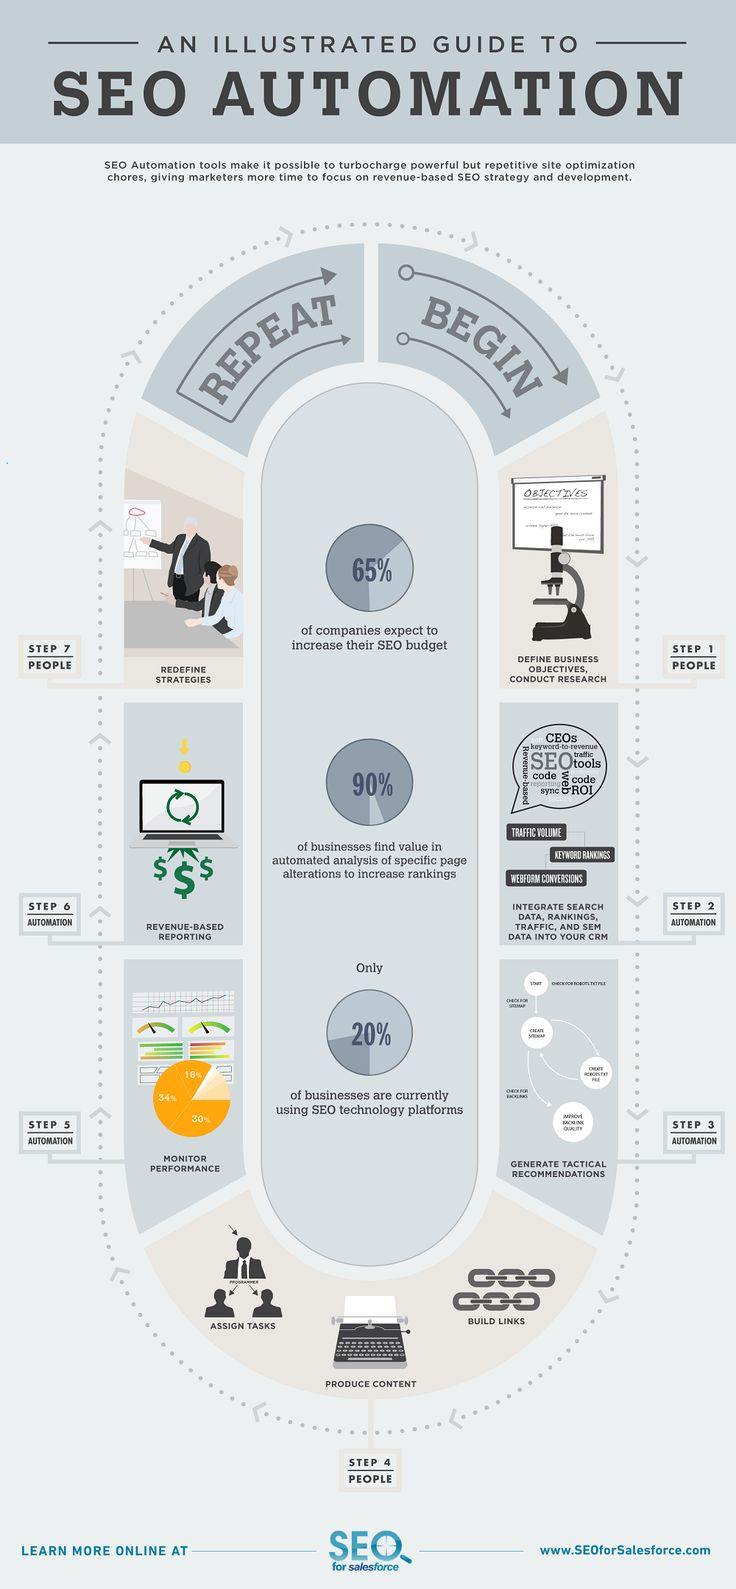 Une infographie qui propose, pour chaque phase d'un projet SEO, un traitement humain ou automatisé des tâches...